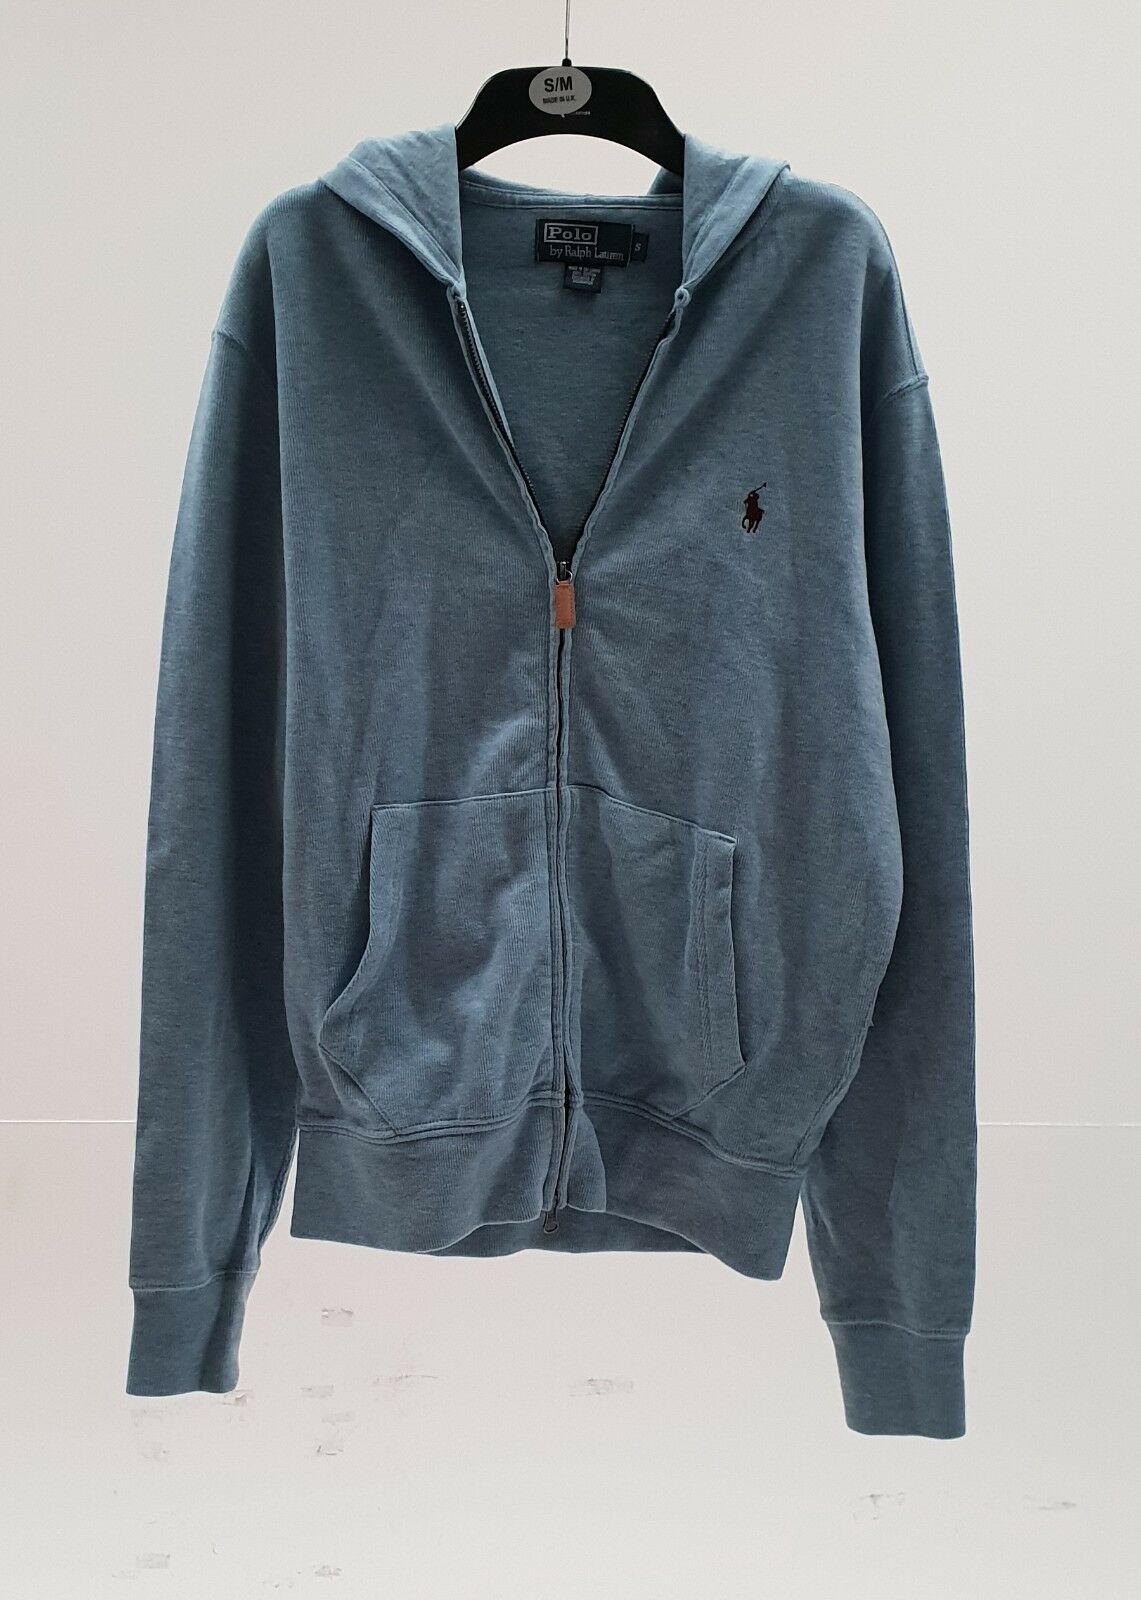 Polo Ralph Lauren HOODIE jumper,classic double zip up top sweater hoody S Blau